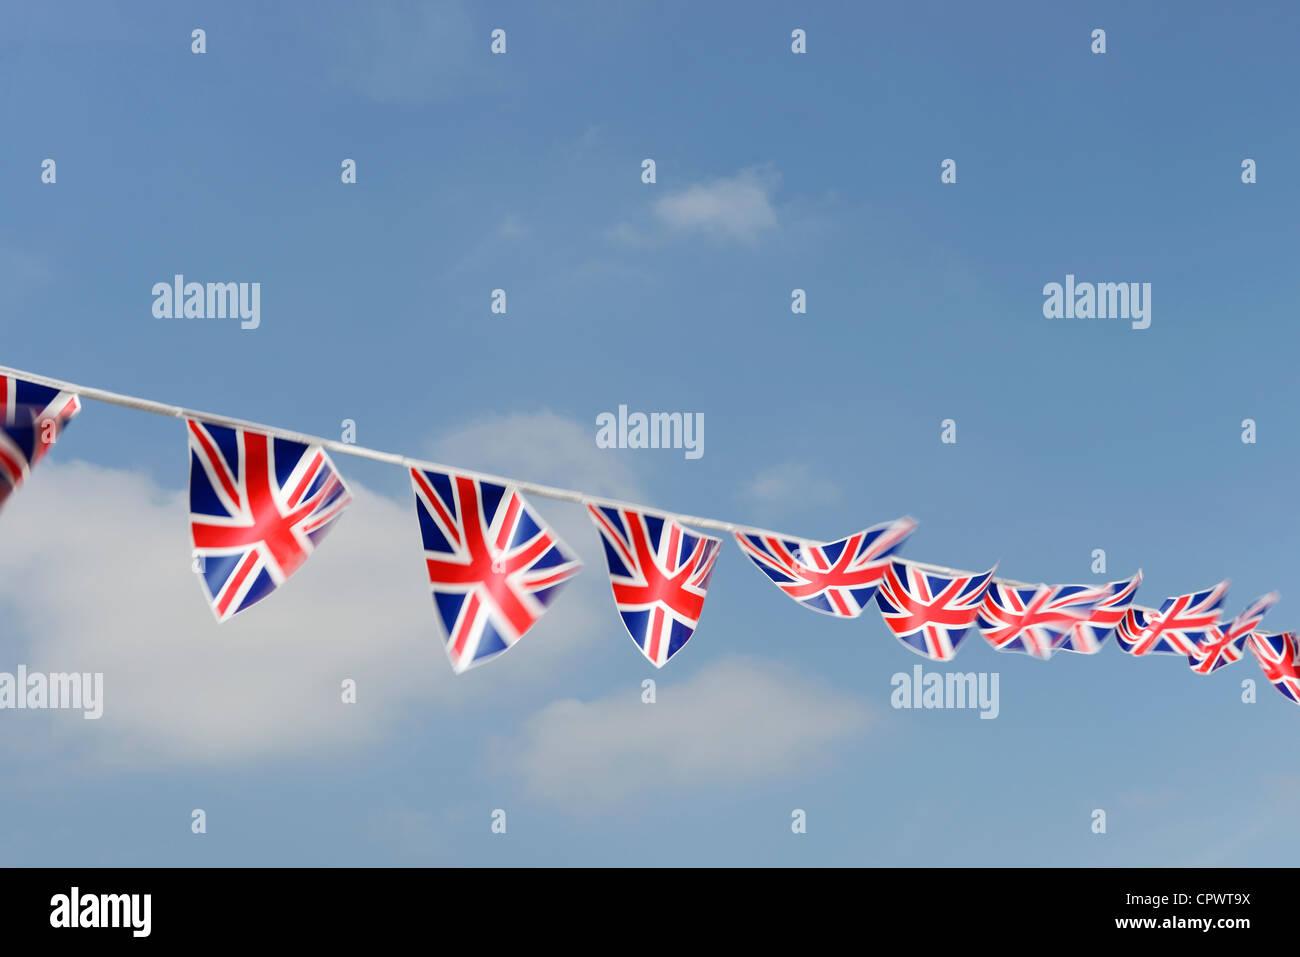 UK Union Jack flag bunting - Stock Image